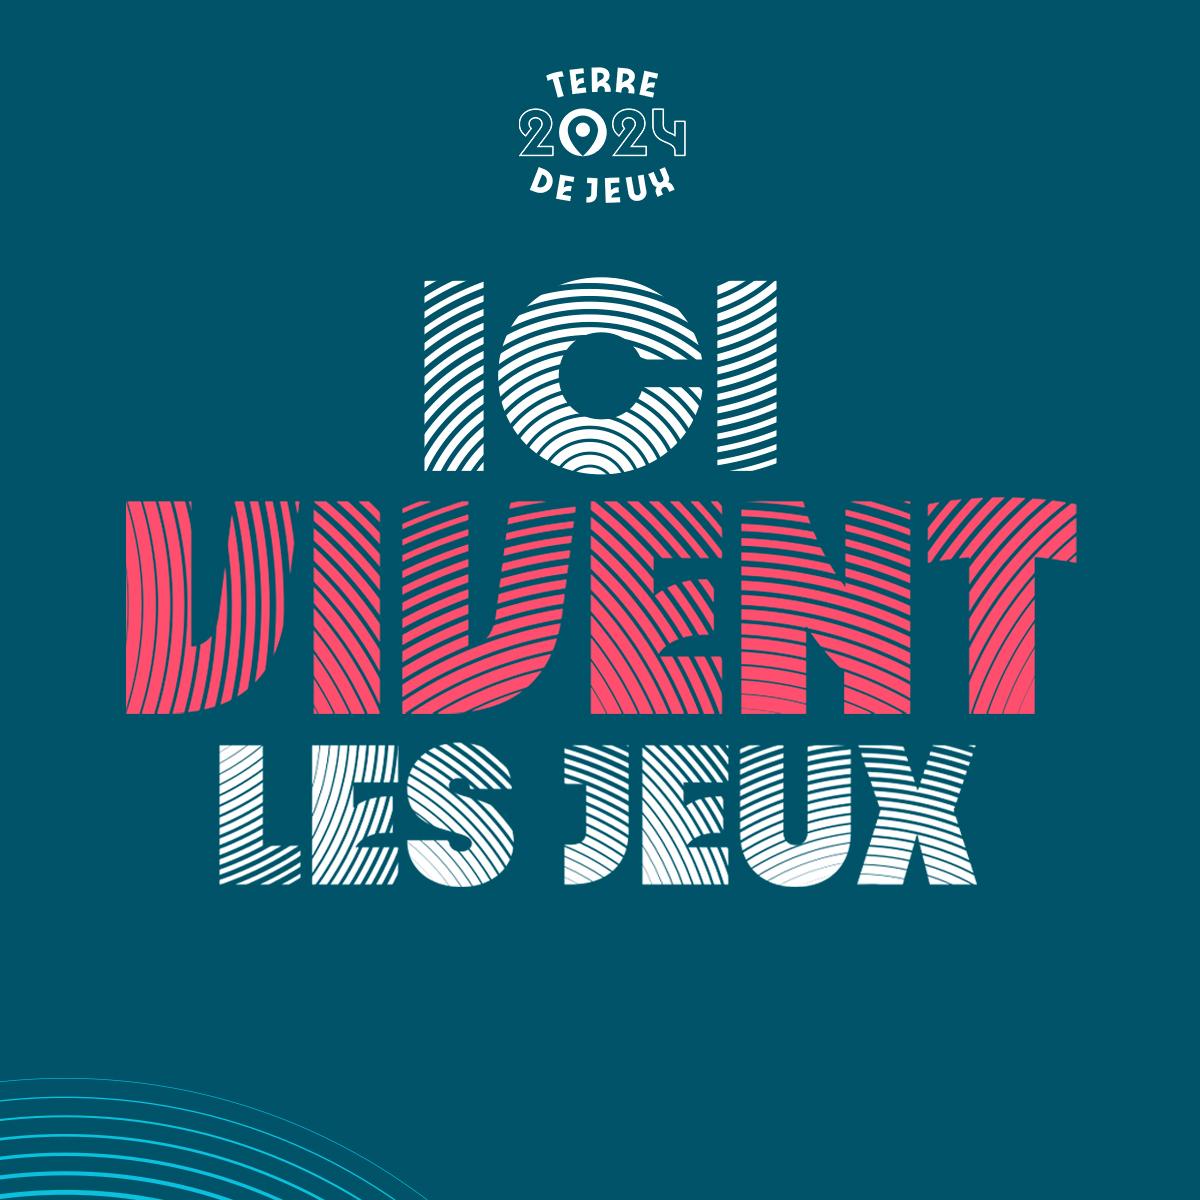 Montargis: Centre de préparation aux jeux PARIS 2024